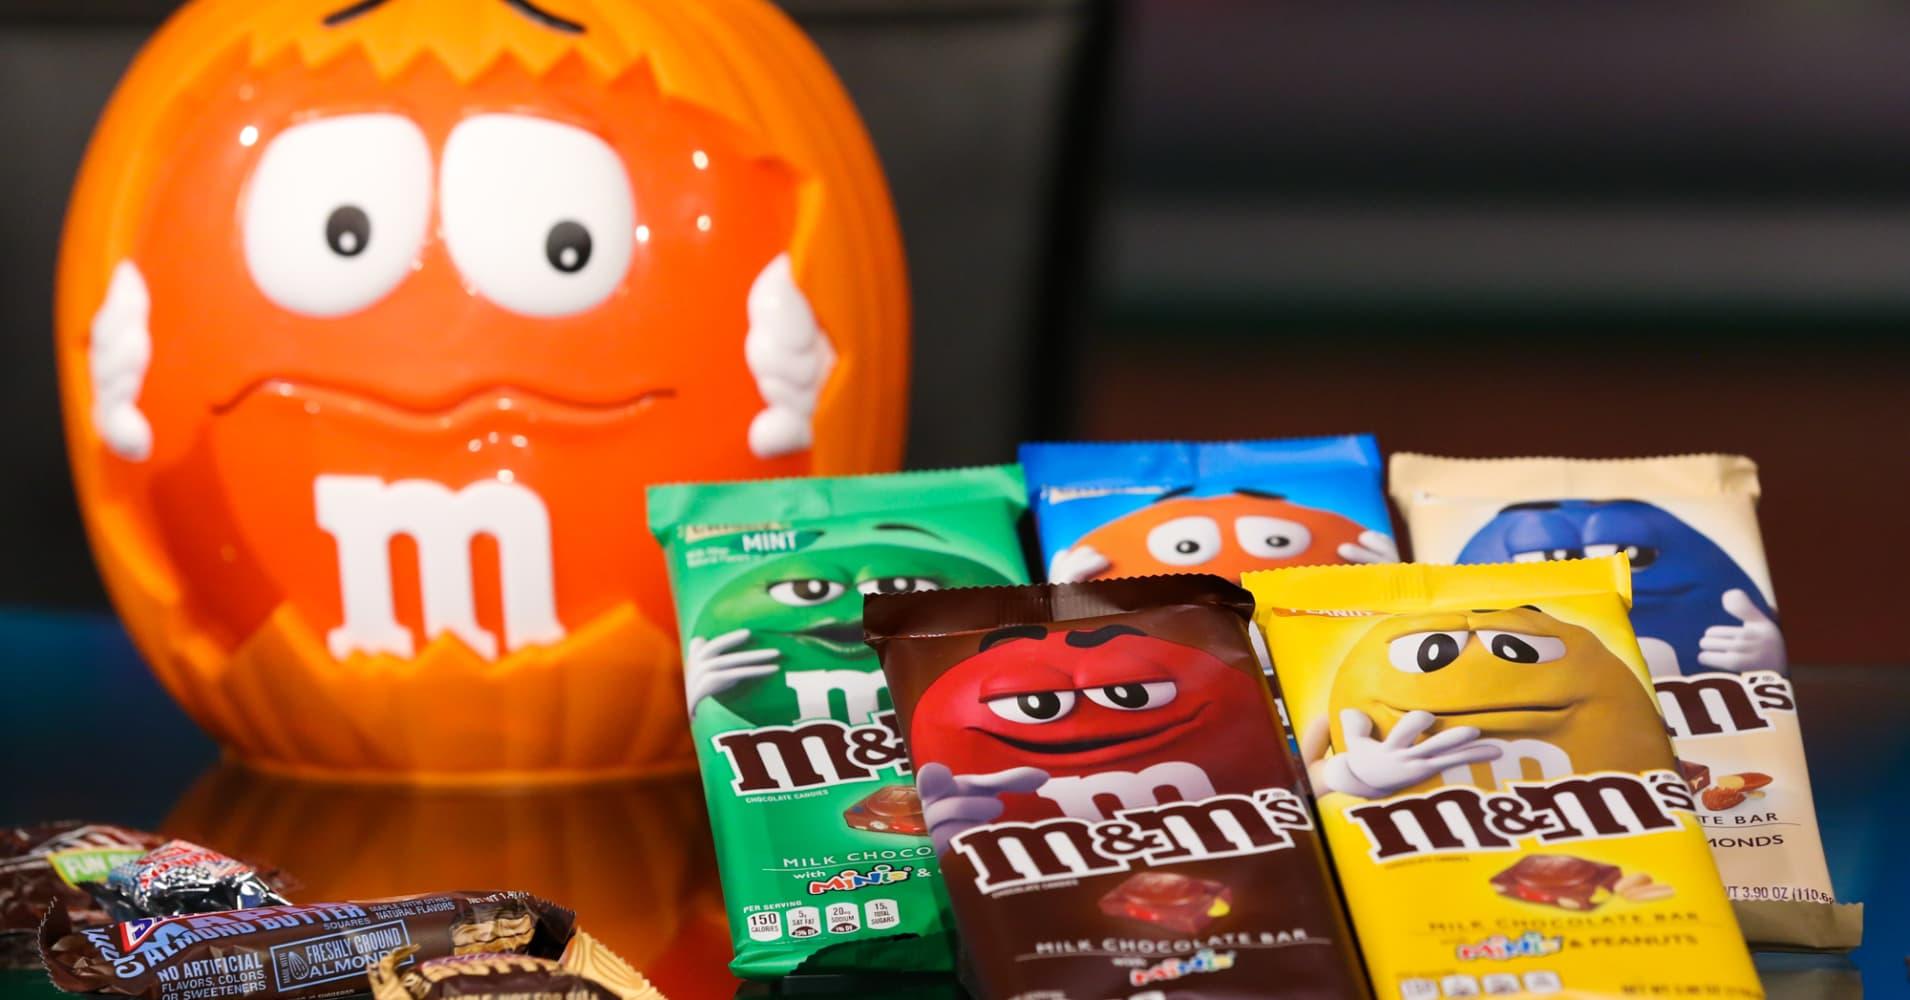 Warren Buffett spun riches out of chocolate. Then he got burned by Kraft Heinz - CNBC thumbnail